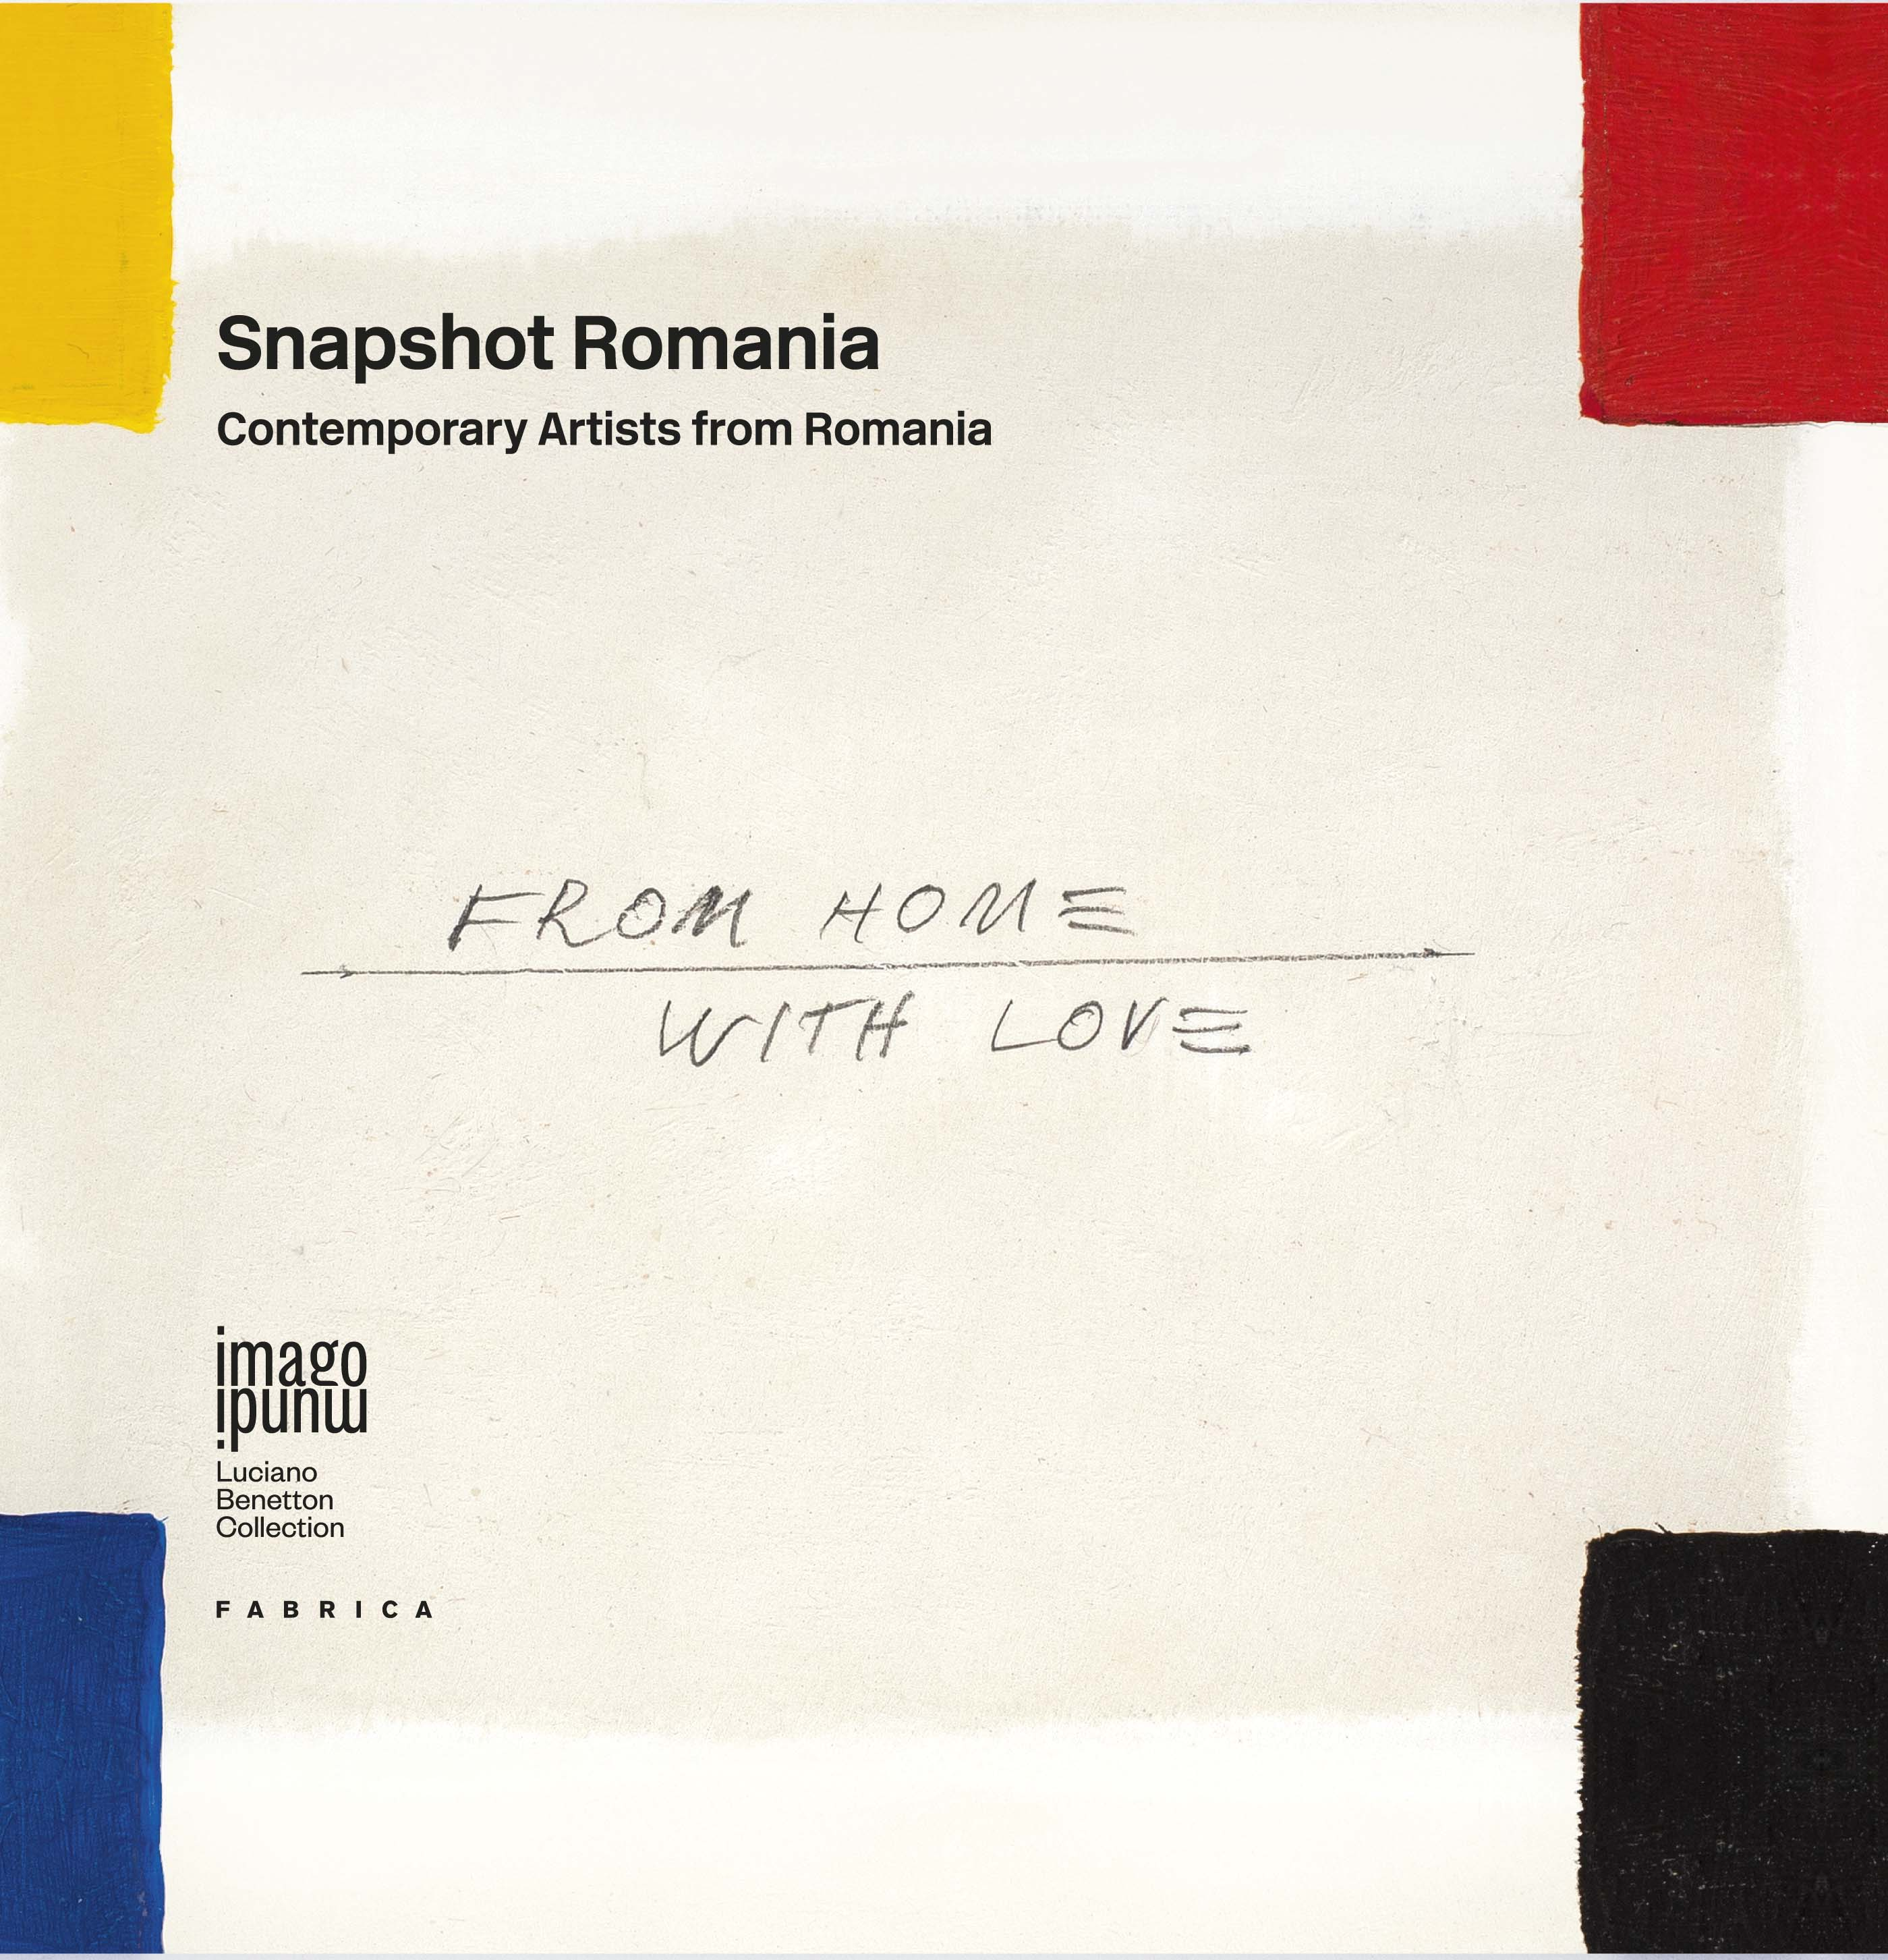 147 de artişti români contemporani, în colecţia Imago Mundi, de Luciano Benetton